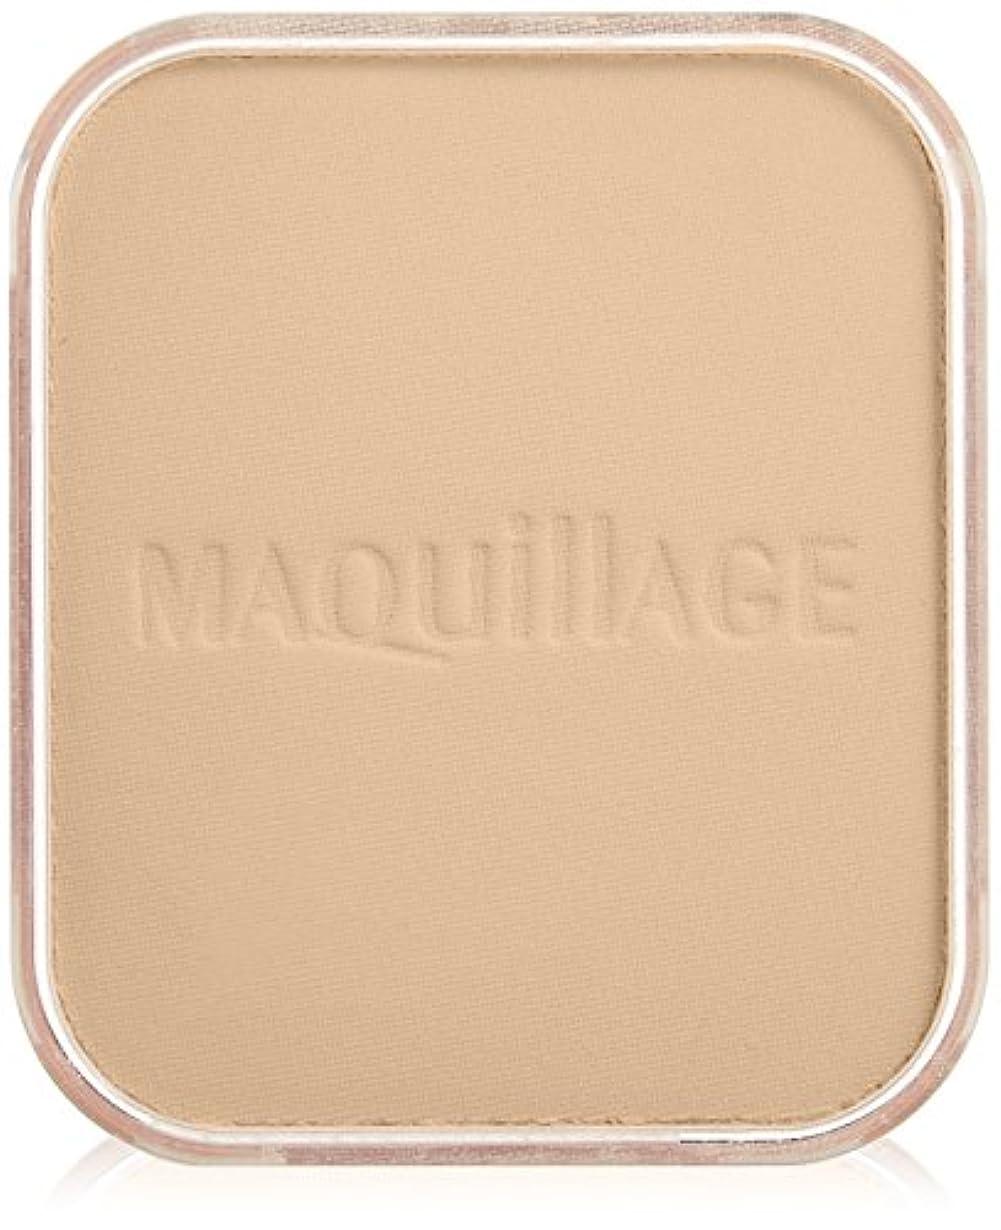 リストスマート記念碑的なマキアージュ ライティング ホワイトパウダリー UV オークル10 (レフィル) (SPF25?PA++) 10g